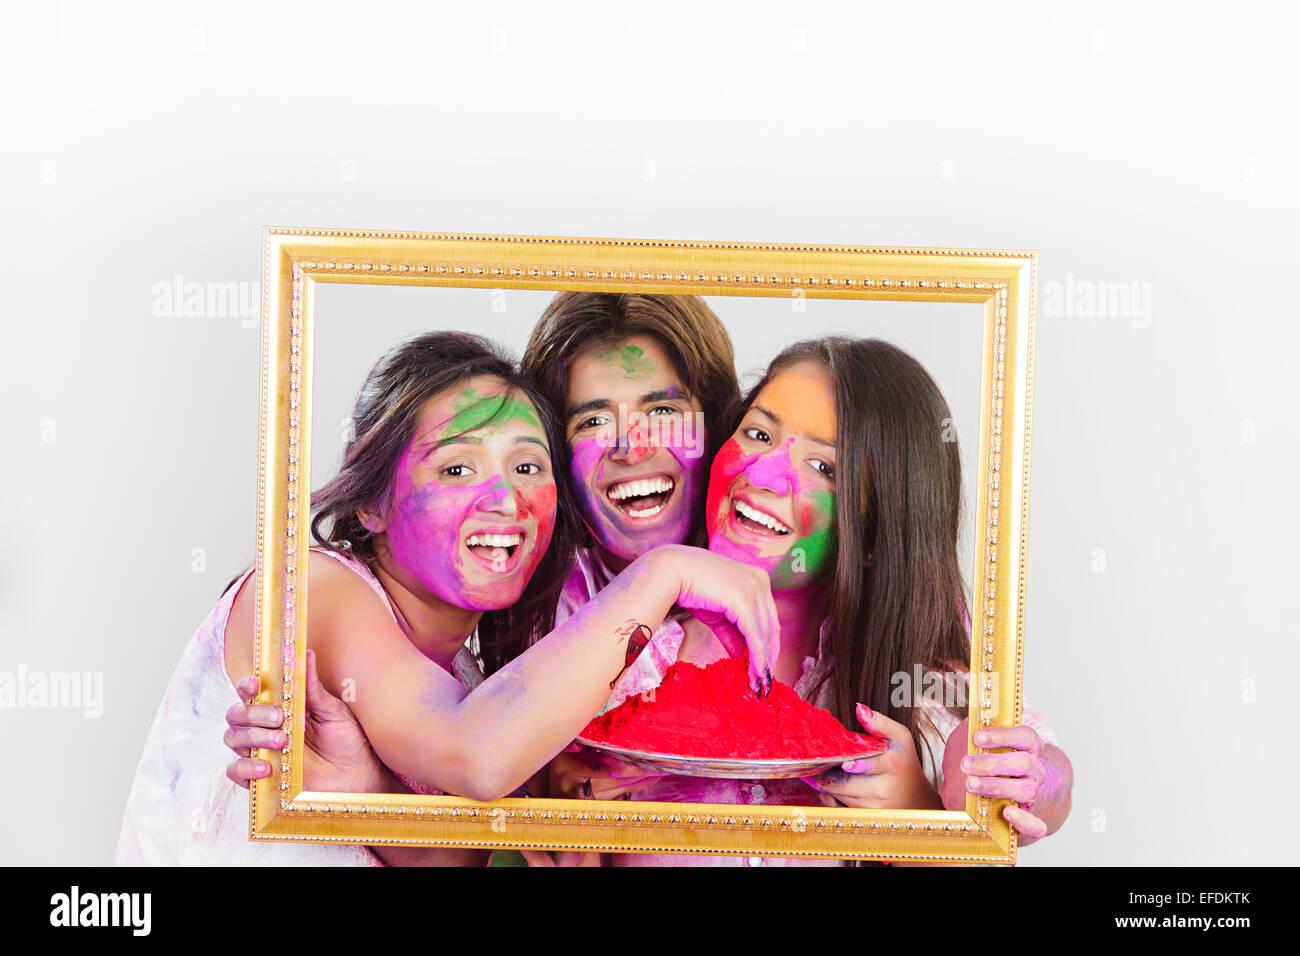 3 indischen Freunde Holi Festival Bilderrahmen Stockfoto, Bild ...